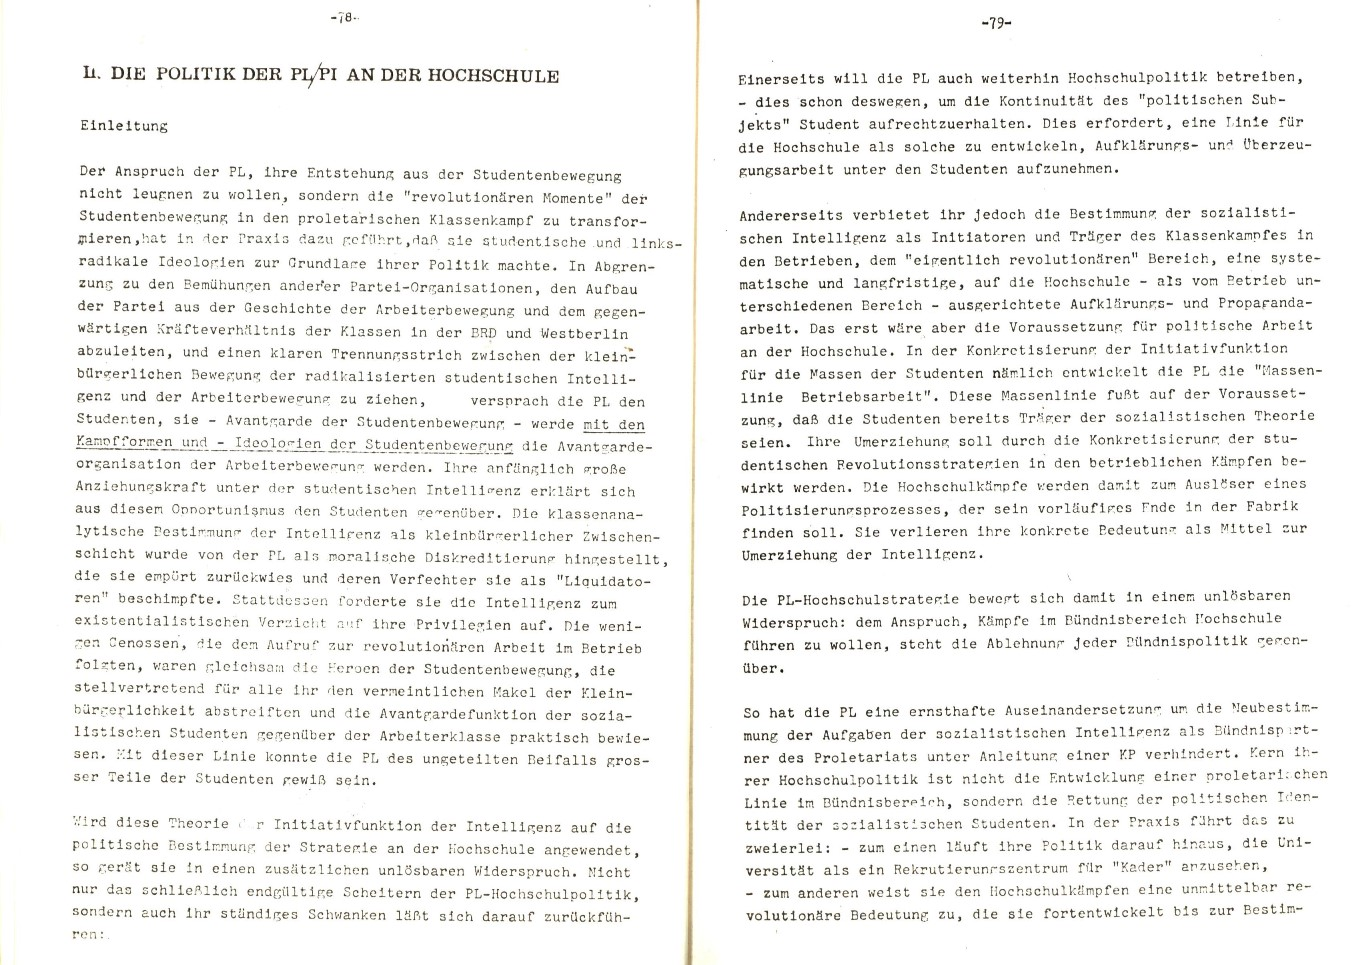 PLPI_1971_Aufloesung_42